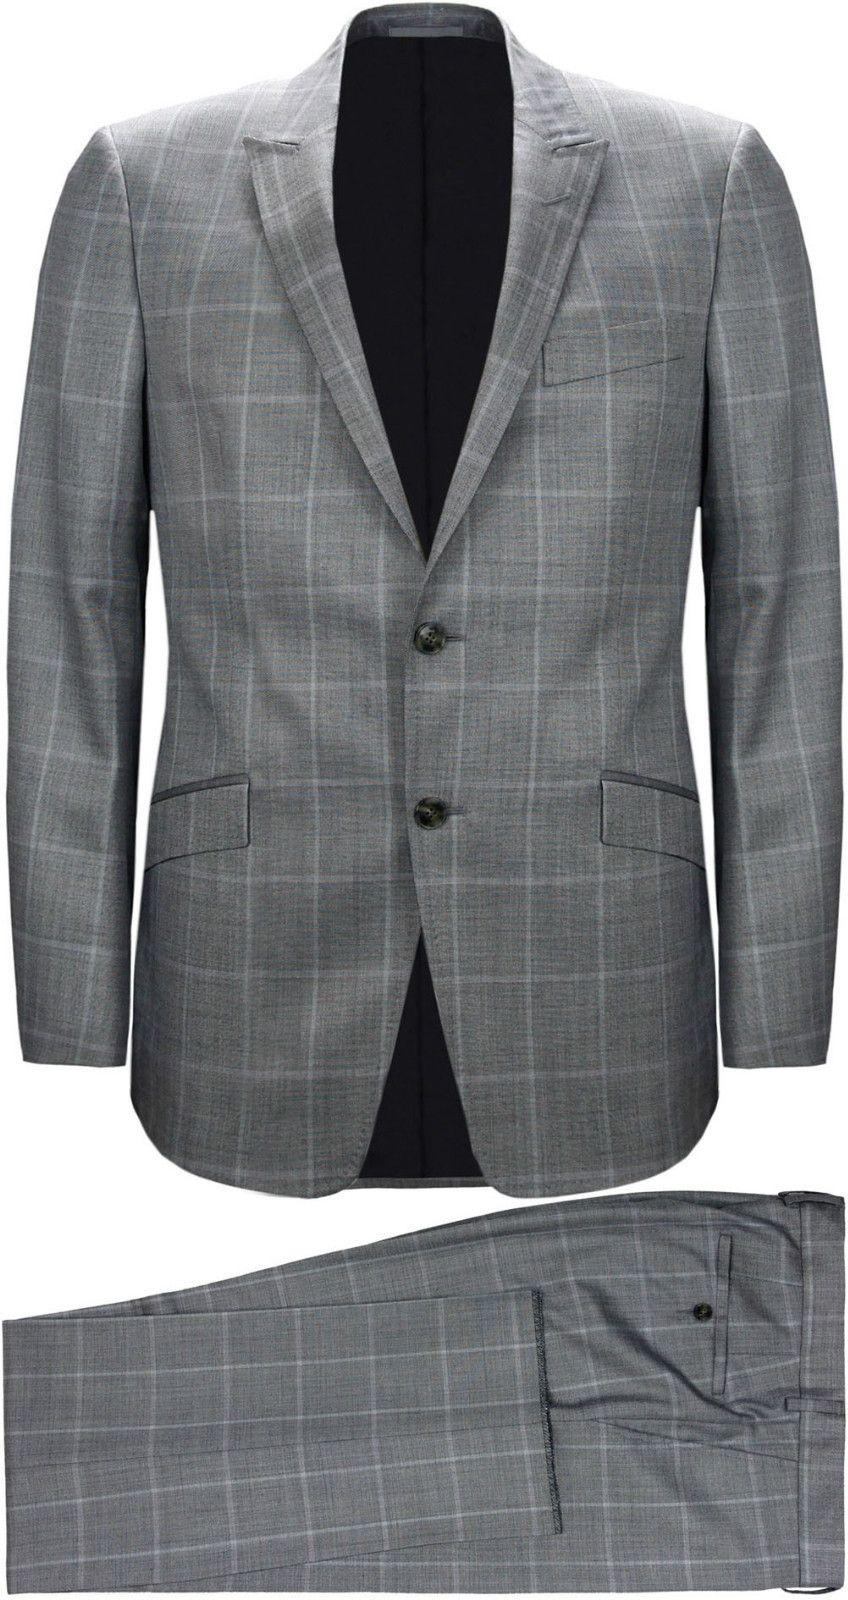 9992d07231 Details about Versace Men's Grey Plaid Two-Piece Wool Suit ...